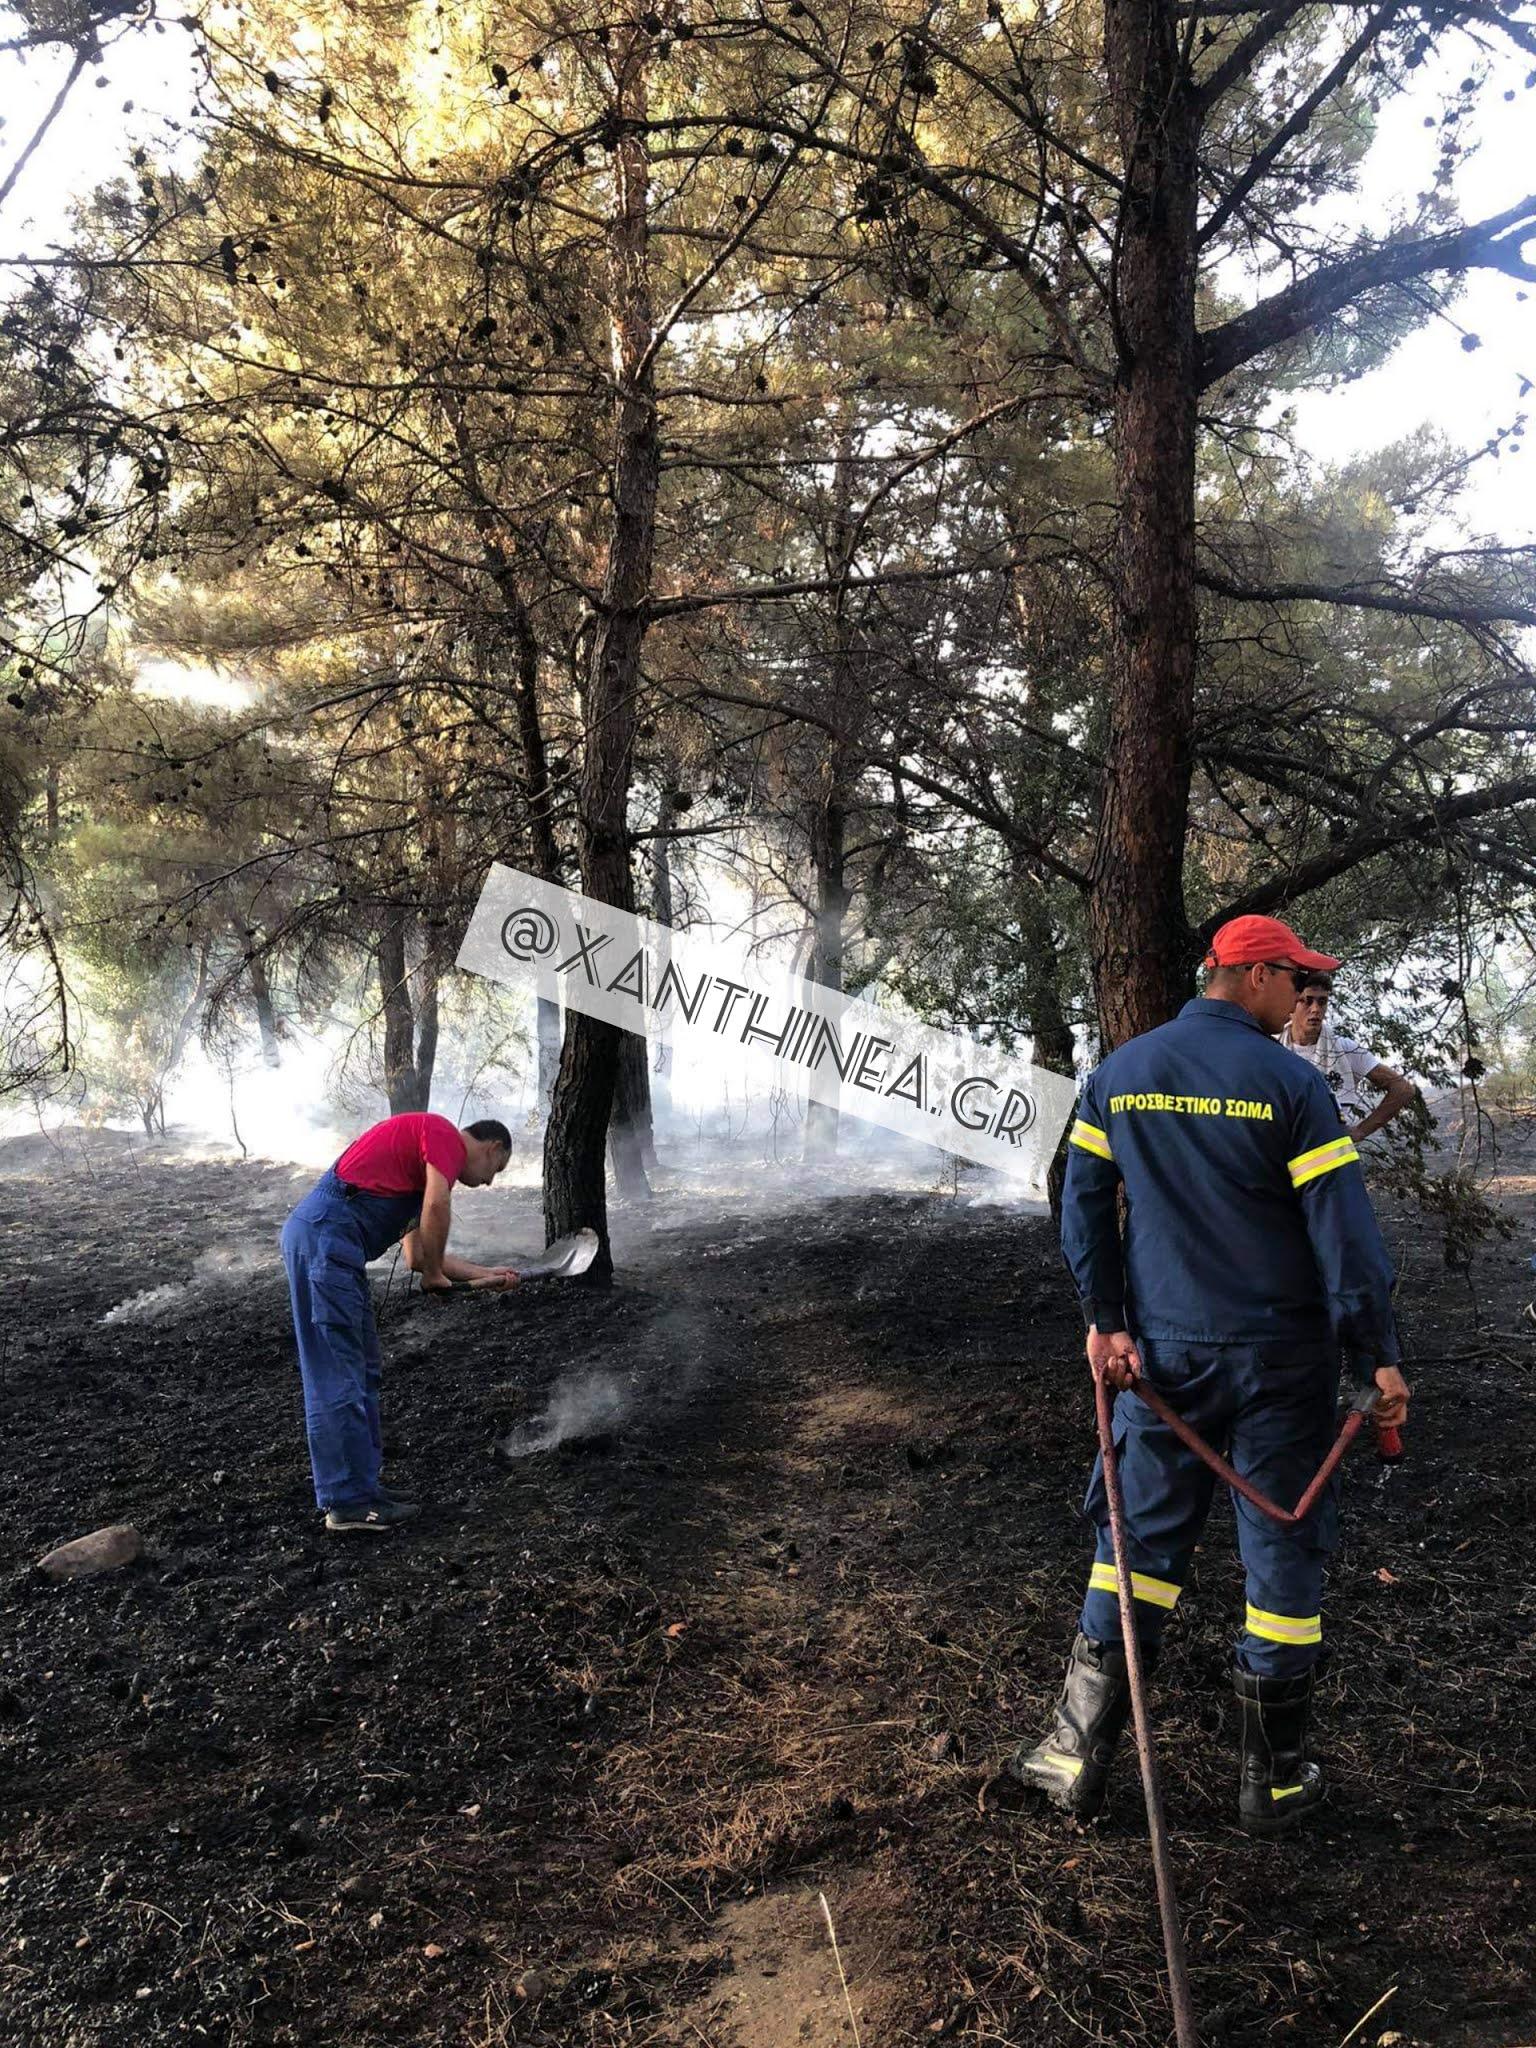 Ξάνθη: Φωτιά σε δασική έκταση στην Χρύσα [ΒΙΝΤΕΟ]